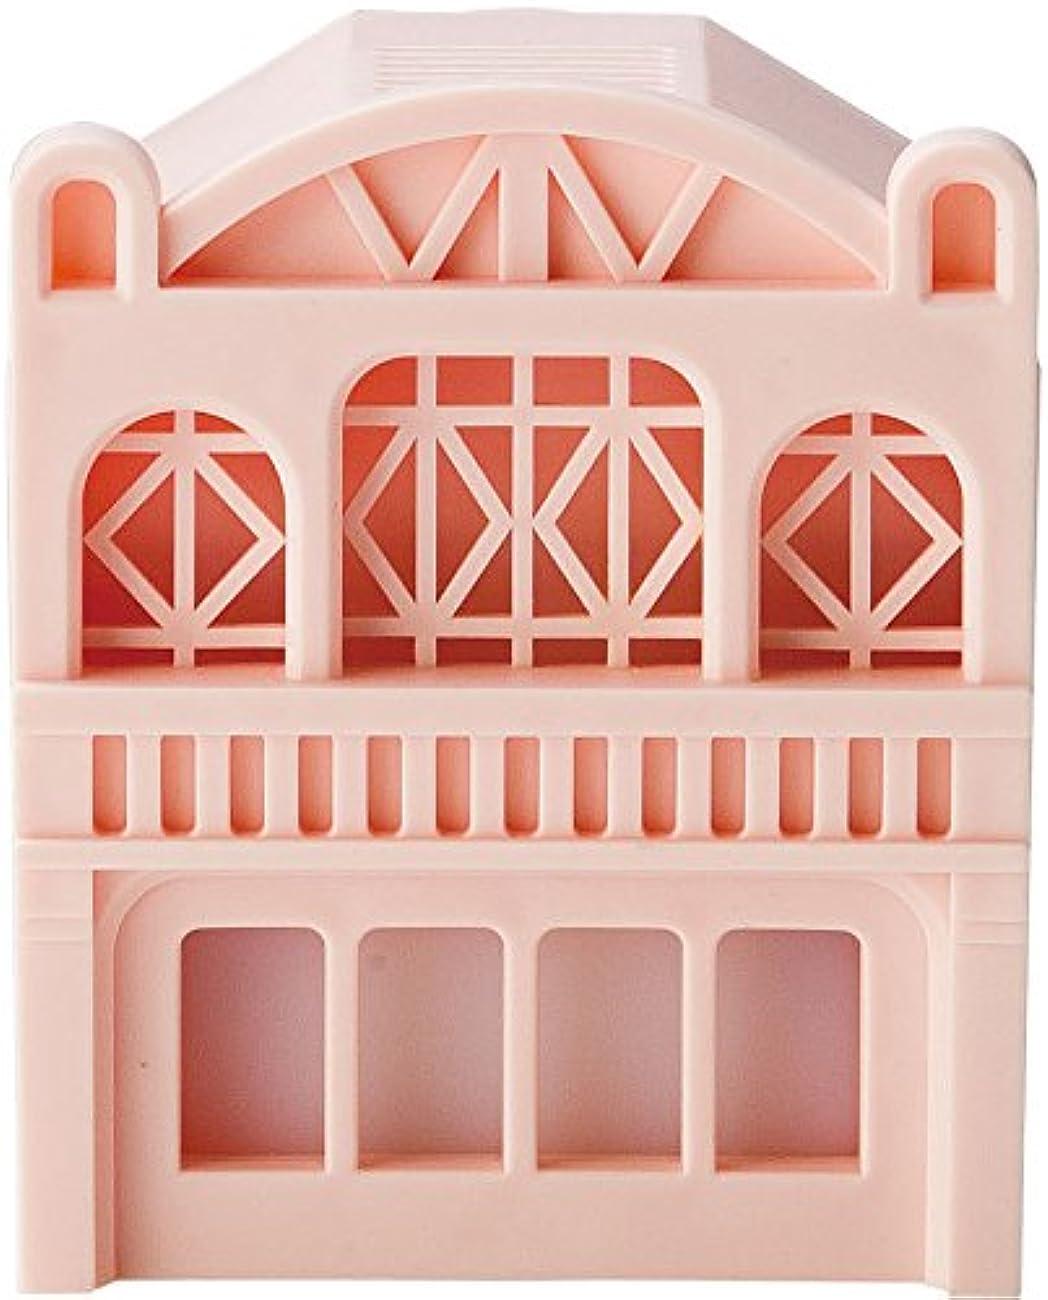 引き渡すワイヤー豪華なラドンナ CUTENSIL AROMA HOUSE FAN (アロマハウスファン) CU01-AHF ピンク